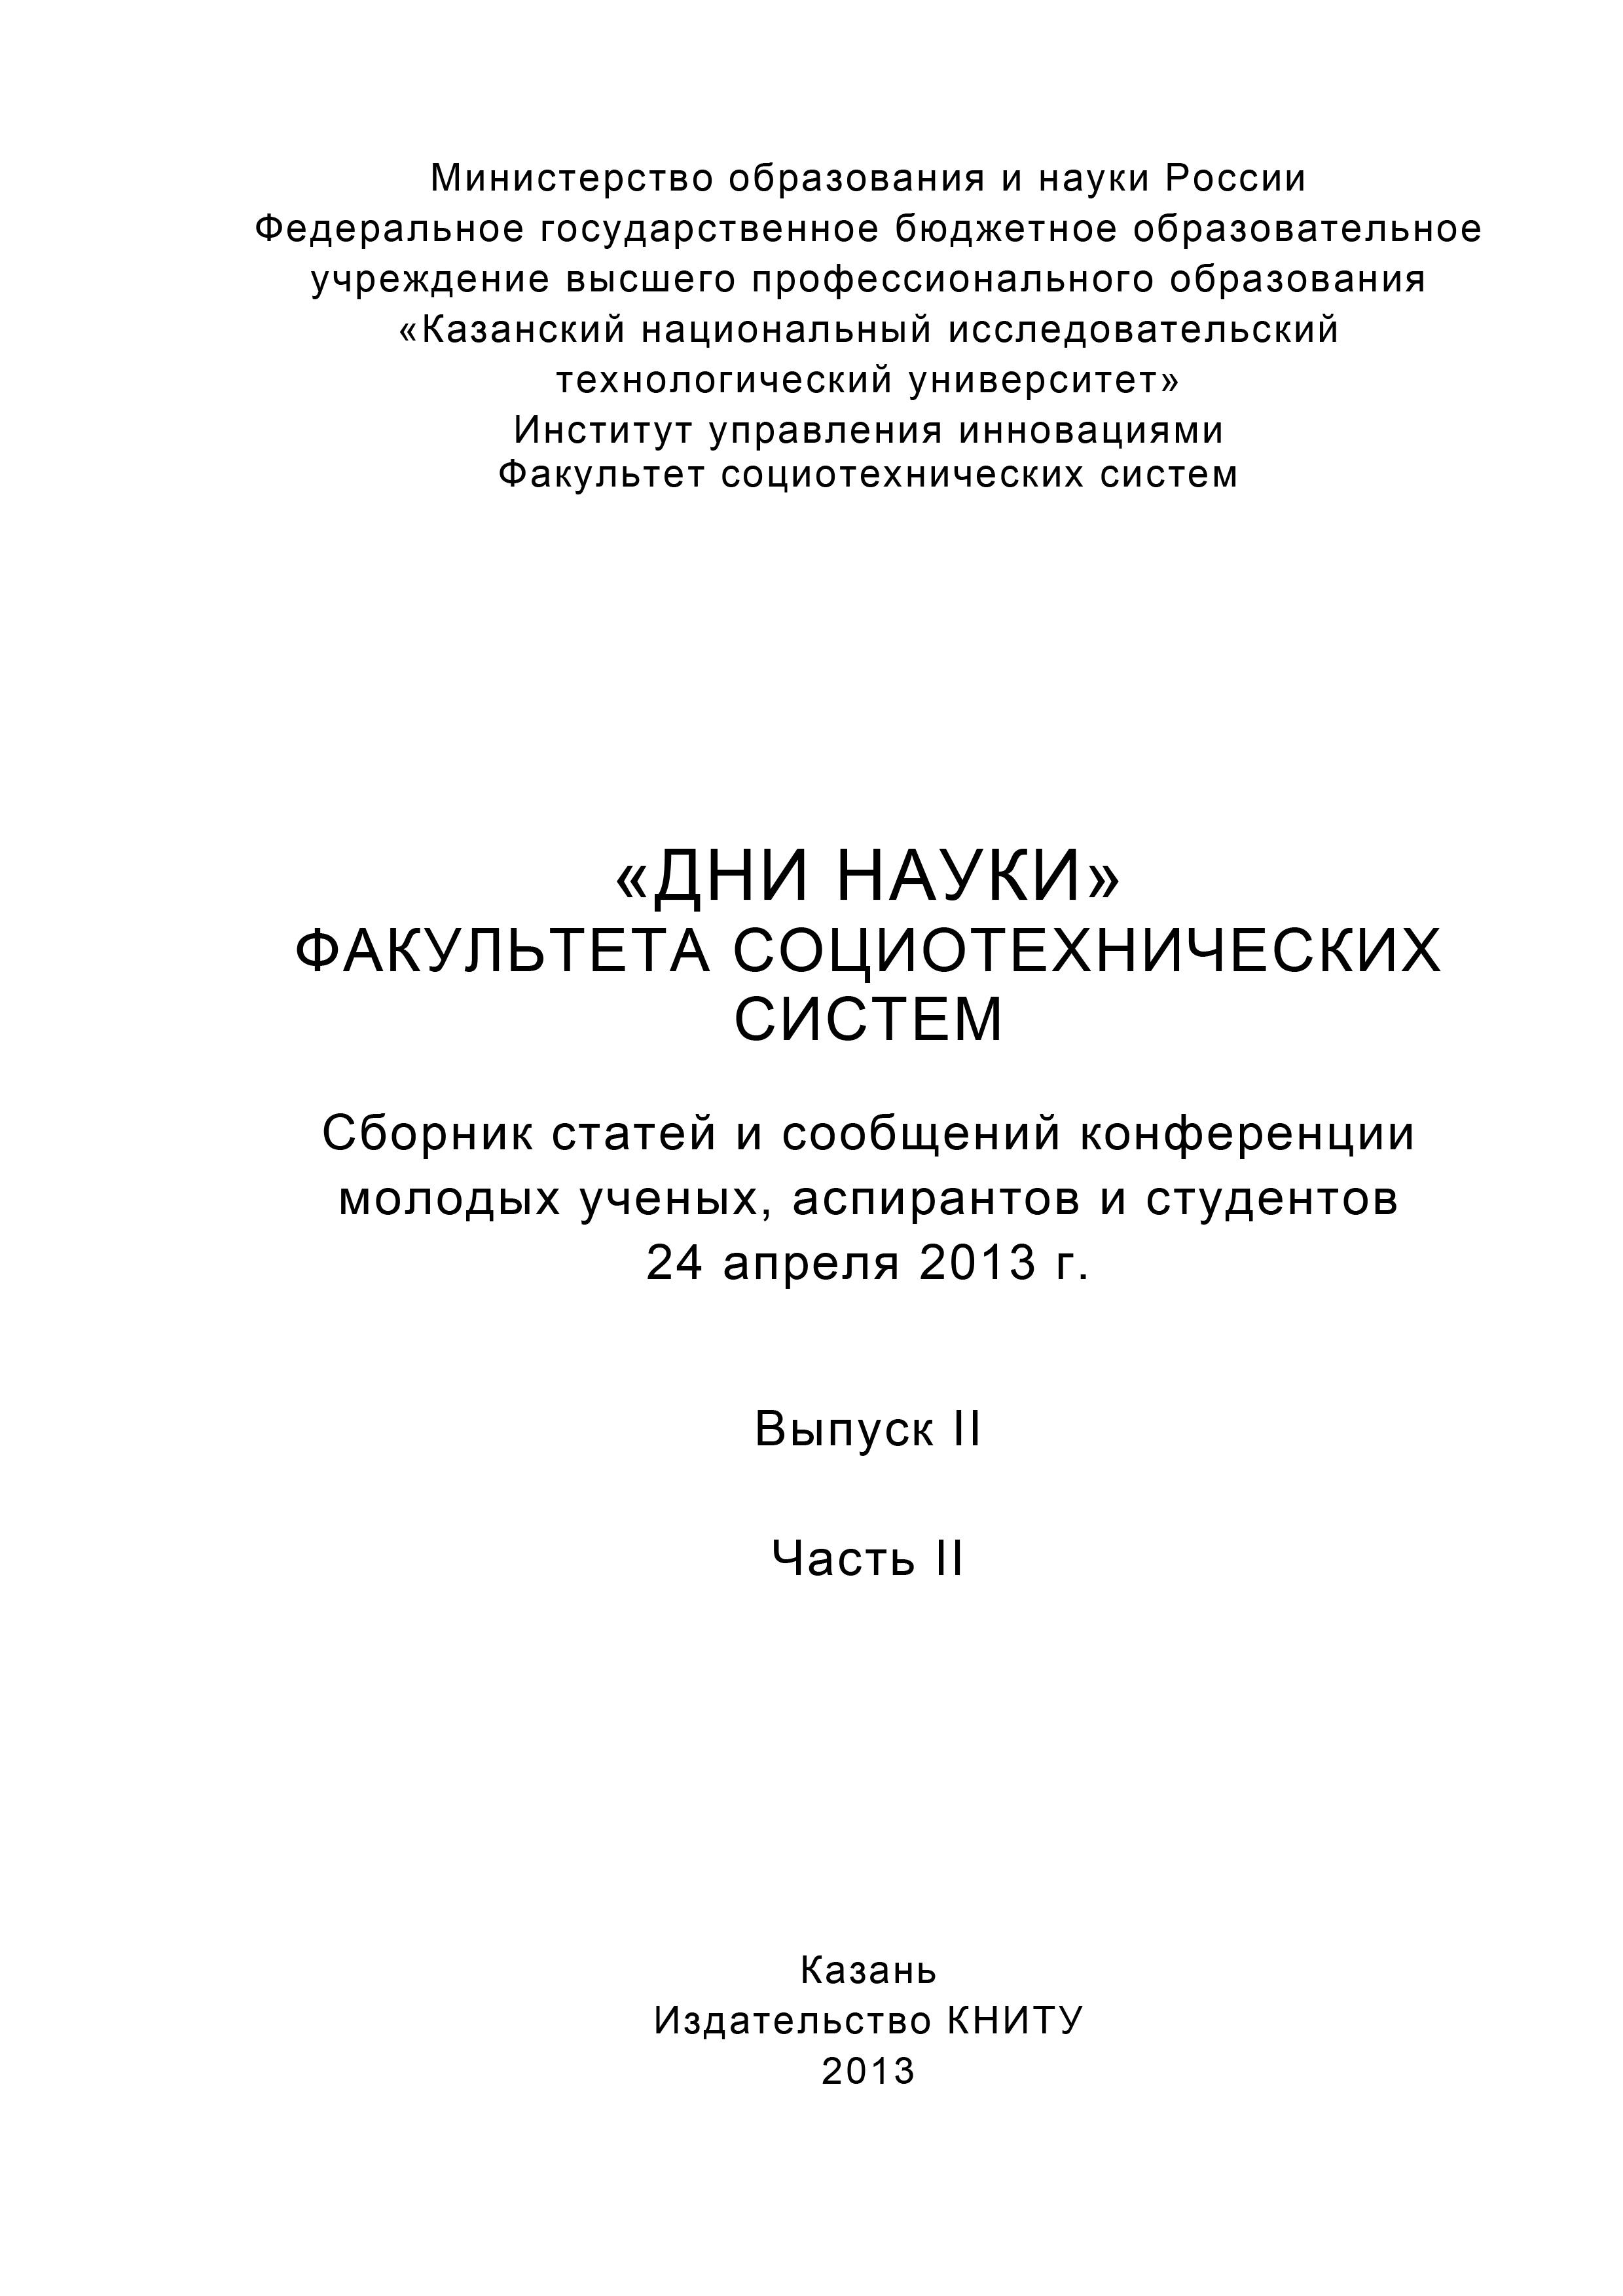 Коллектив авторов «Дни науки» факультета социотехнических систем. Выпуск II. Часть ІI